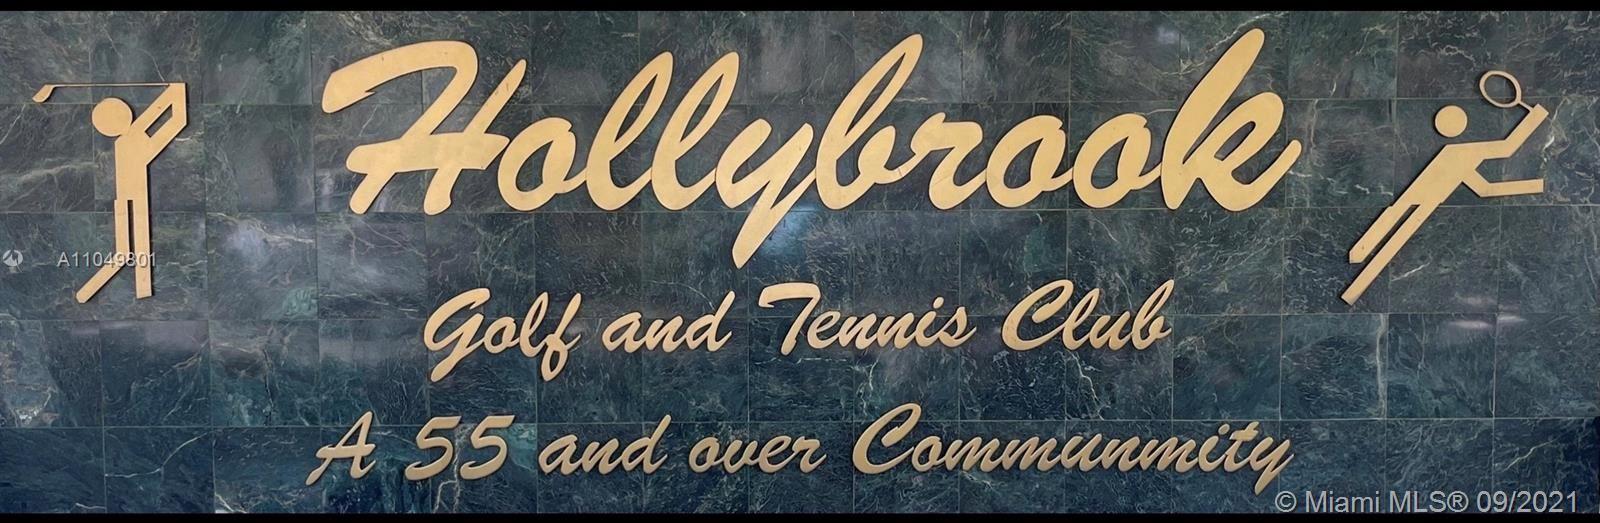 9411 N Hollybrook Lake Dr #104, Pembroke Pines, FL 33025 - #: A11049801